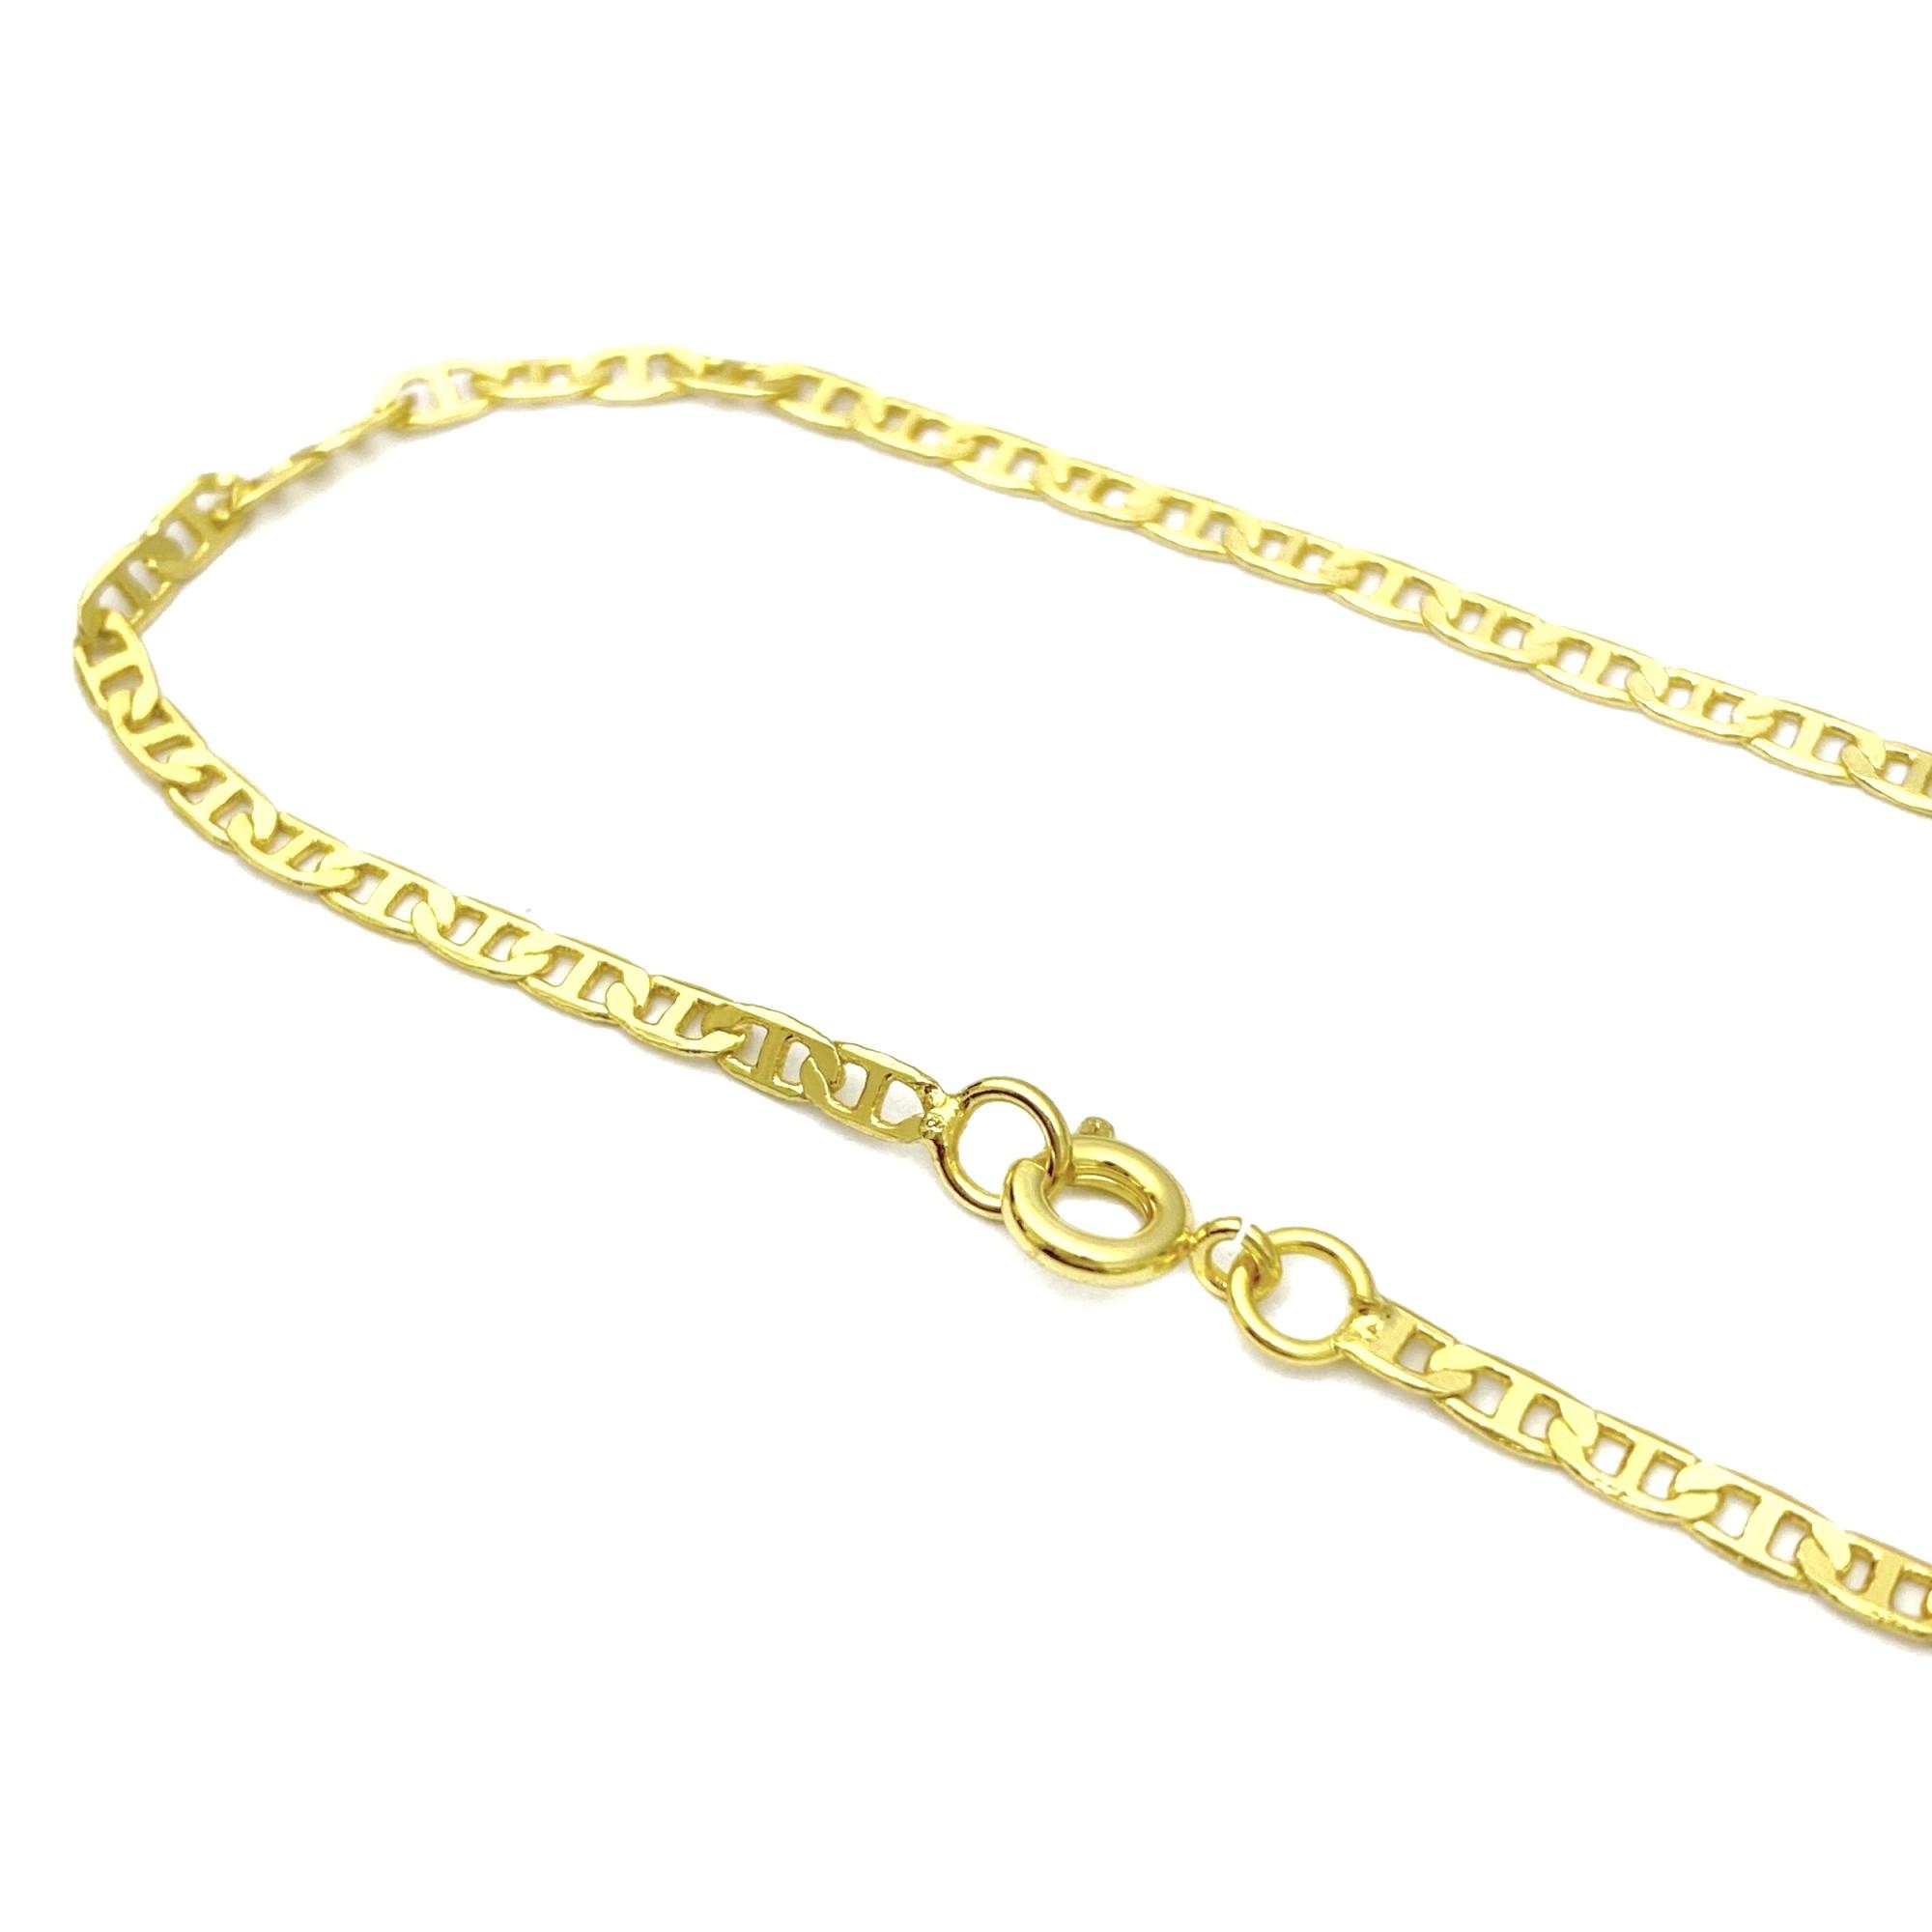 Pulseira Piastrine 2,5mm (Fecho Tradicional) (Banho Ouro 24k)